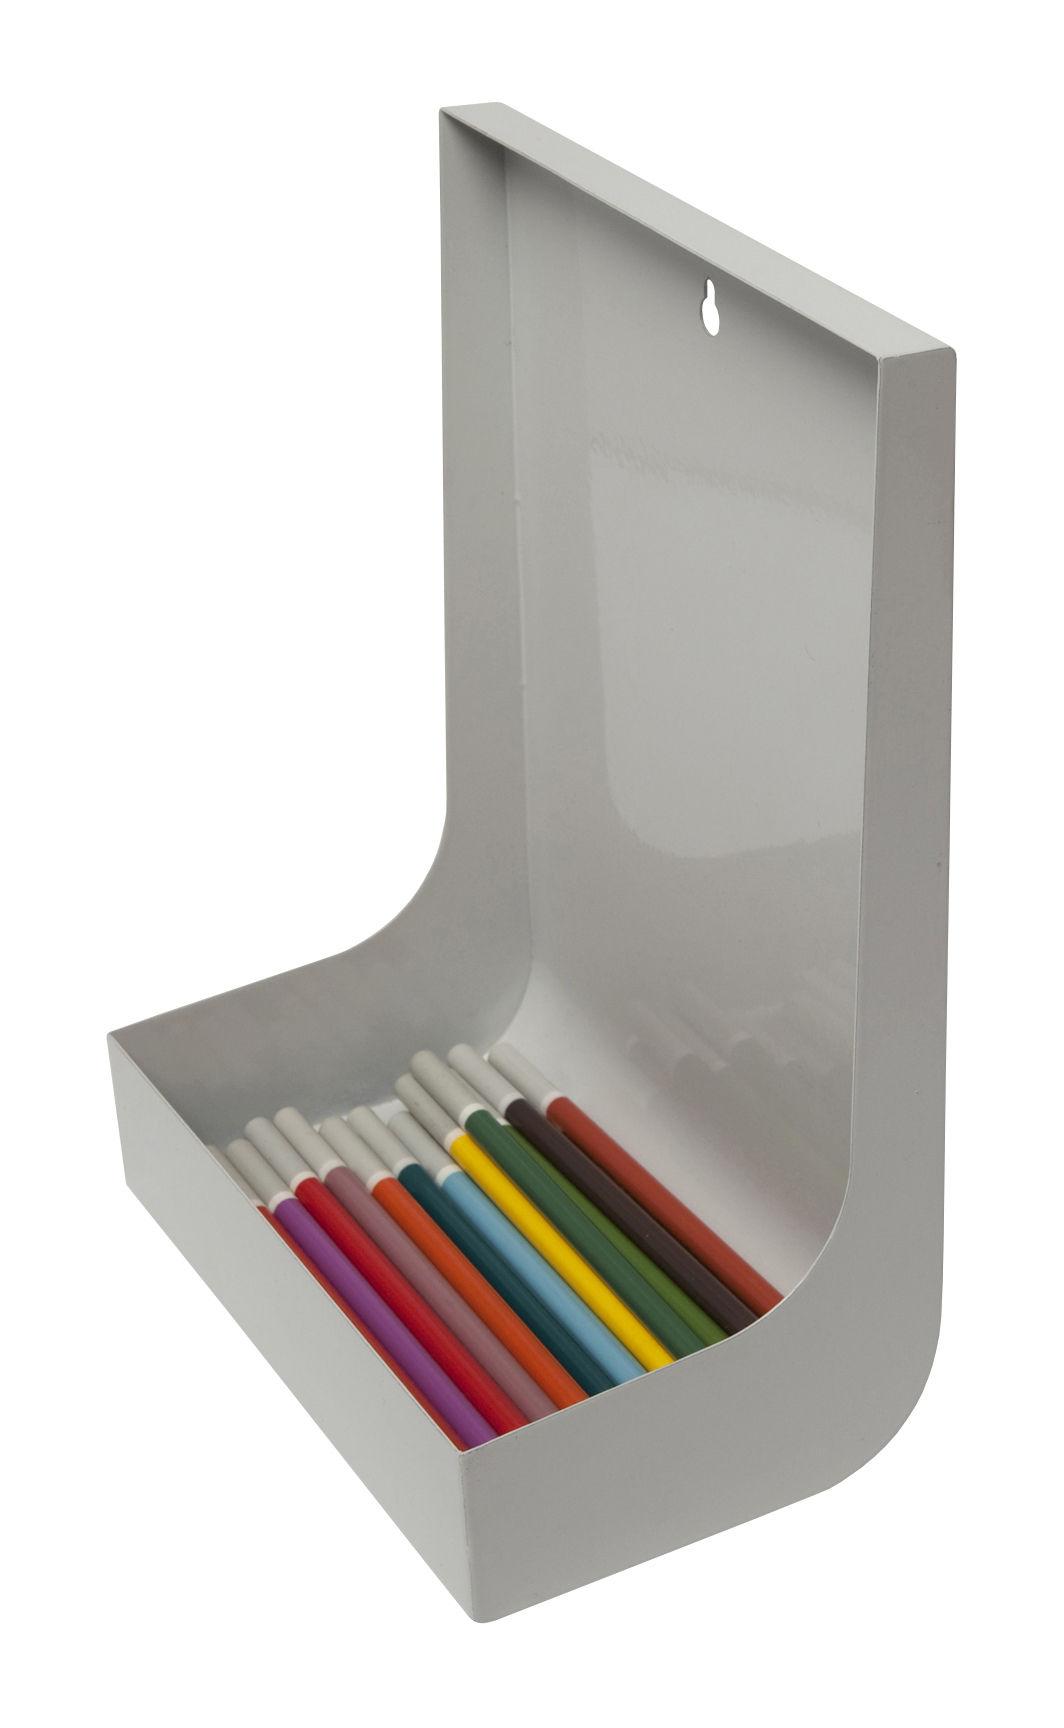 Déco - Tendance humour & décalage - Porte-crayons Etal - L'atelier d'exercices - Gris - Métal peint